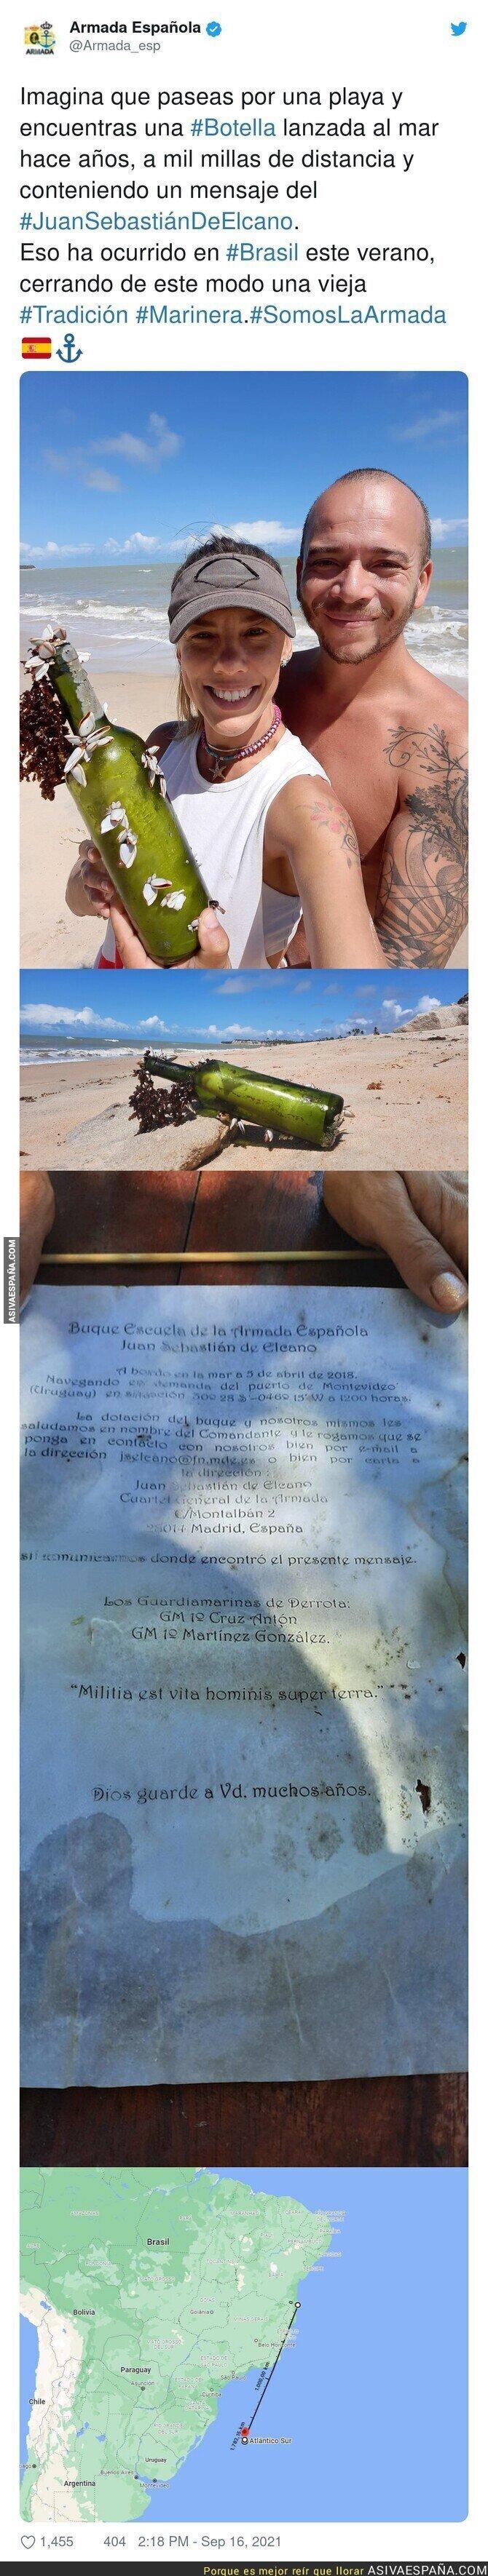 909866 - Una bonita historia al encontrar una botella con un mensaje en su interior